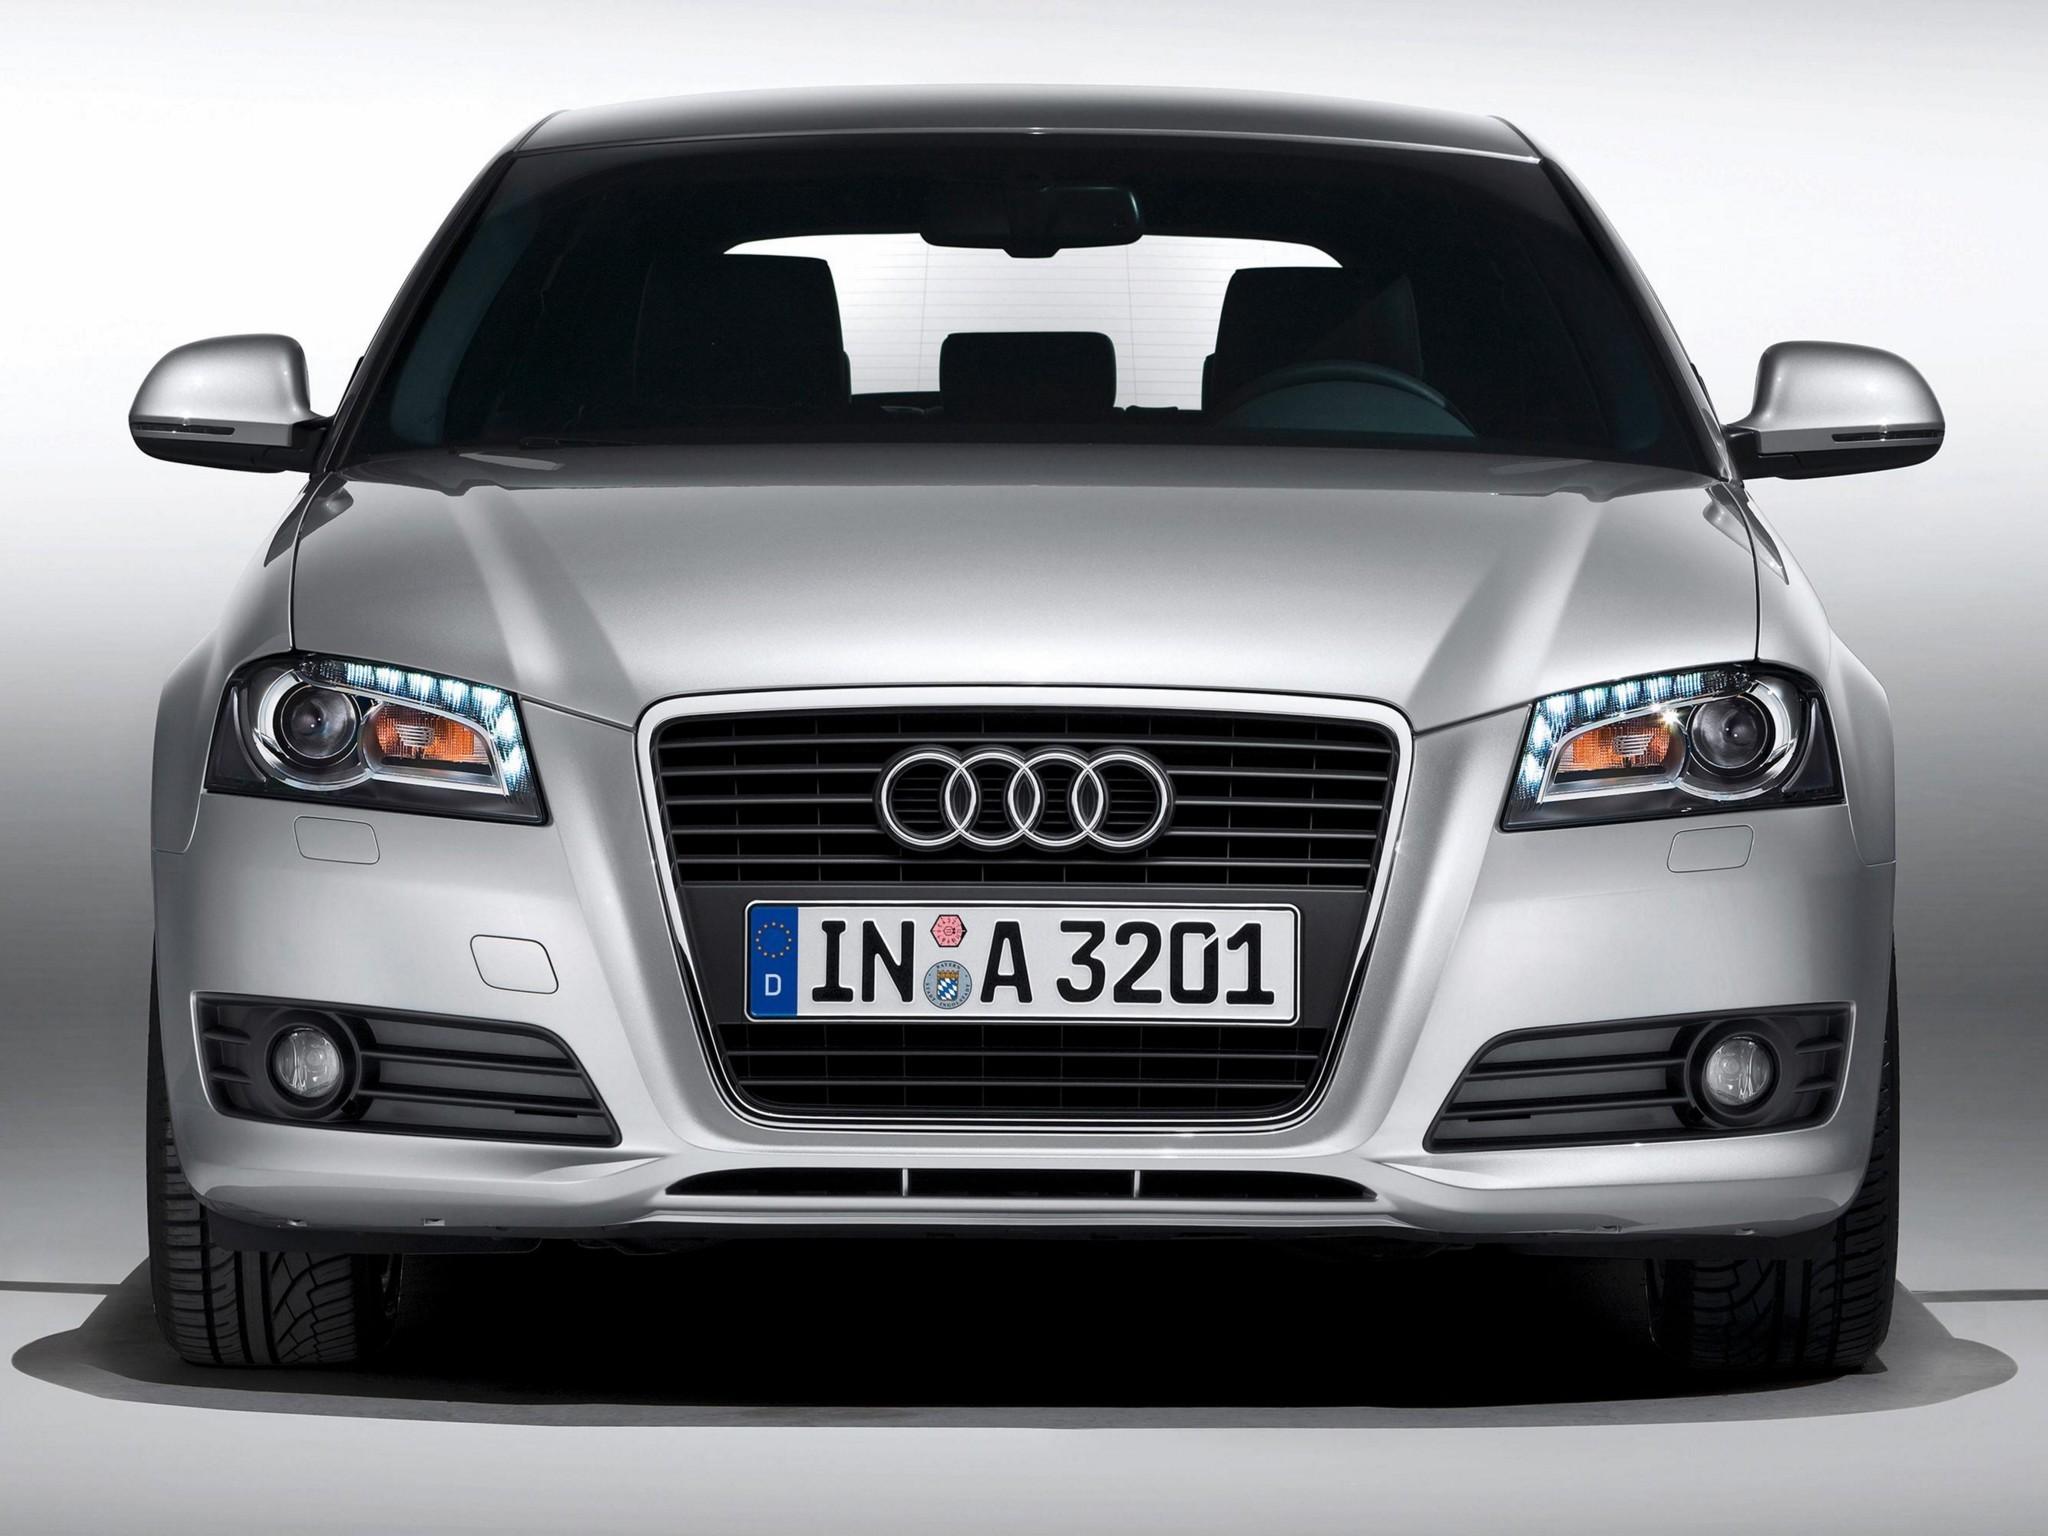 Kelebihan Kekurangan Audi A3 2009 Perbandingan Harga